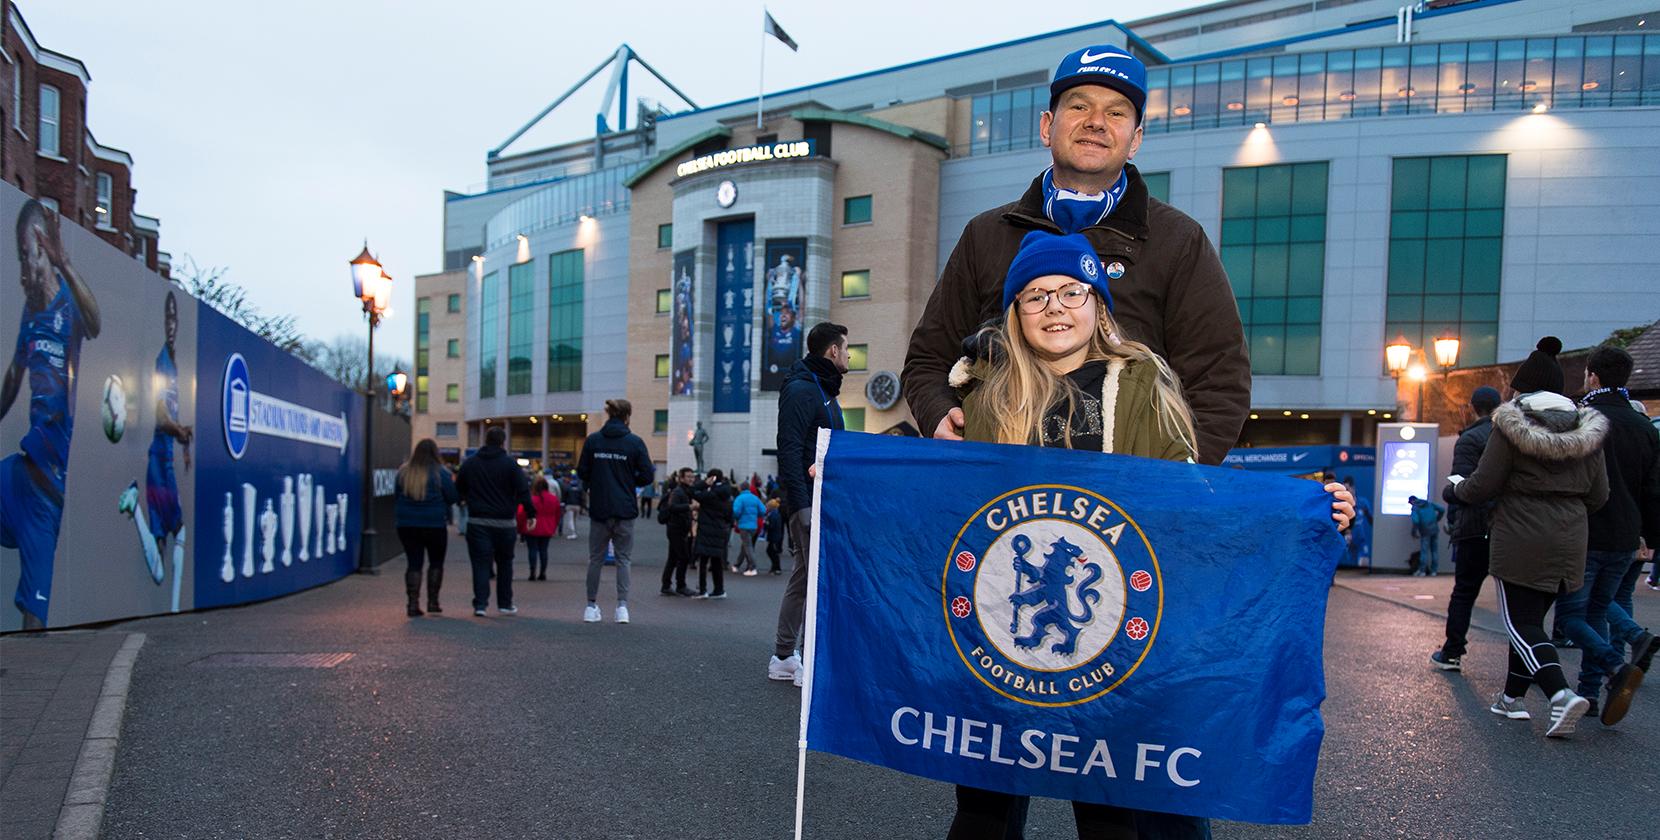 Adam and his daughter at Stamford Bridge